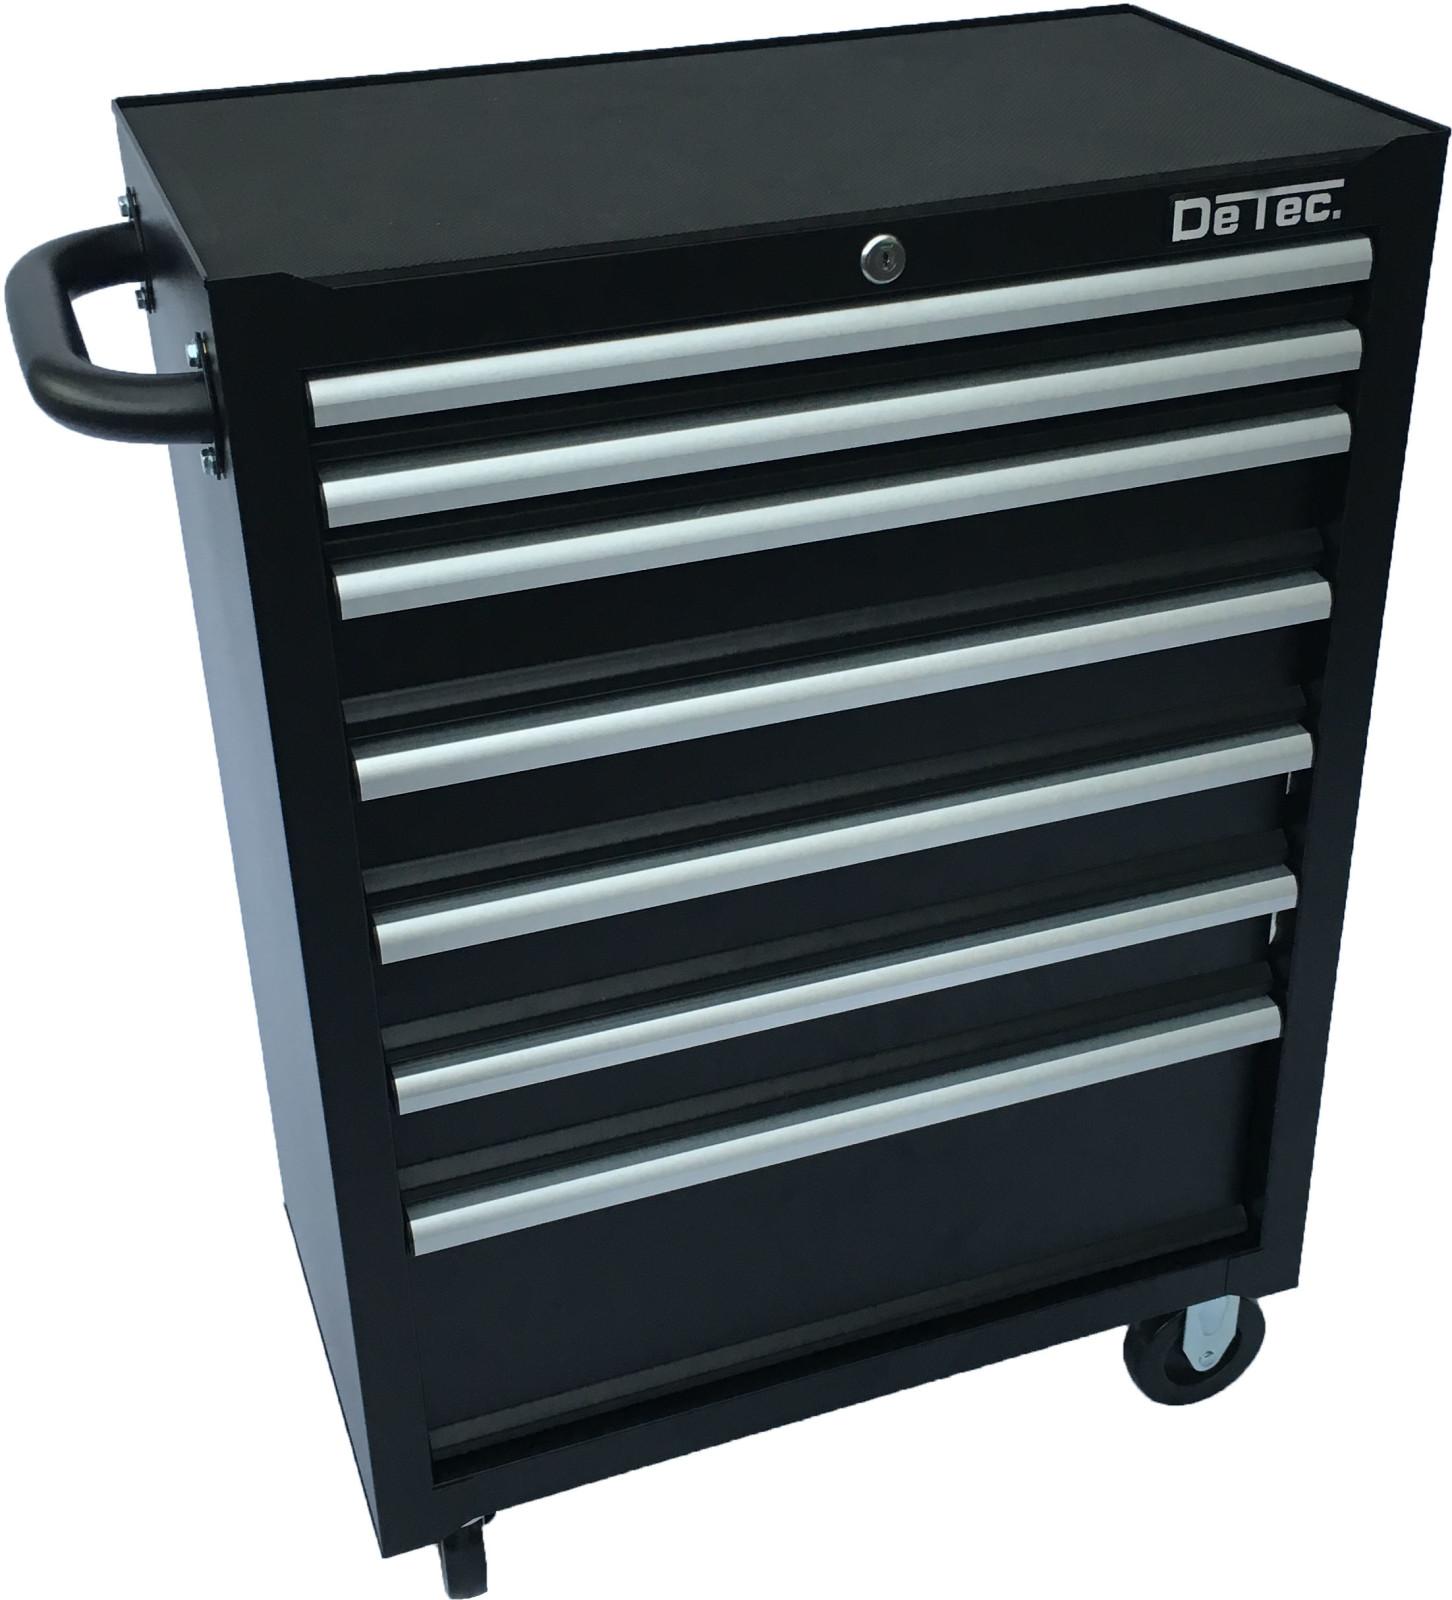 werkstattwagen werkzeugwagen werkzeugkiste werkzeugbox rollwagen werkzeugkasten ebay. Black Bedroom Furniture Sets. Home Design Ideas